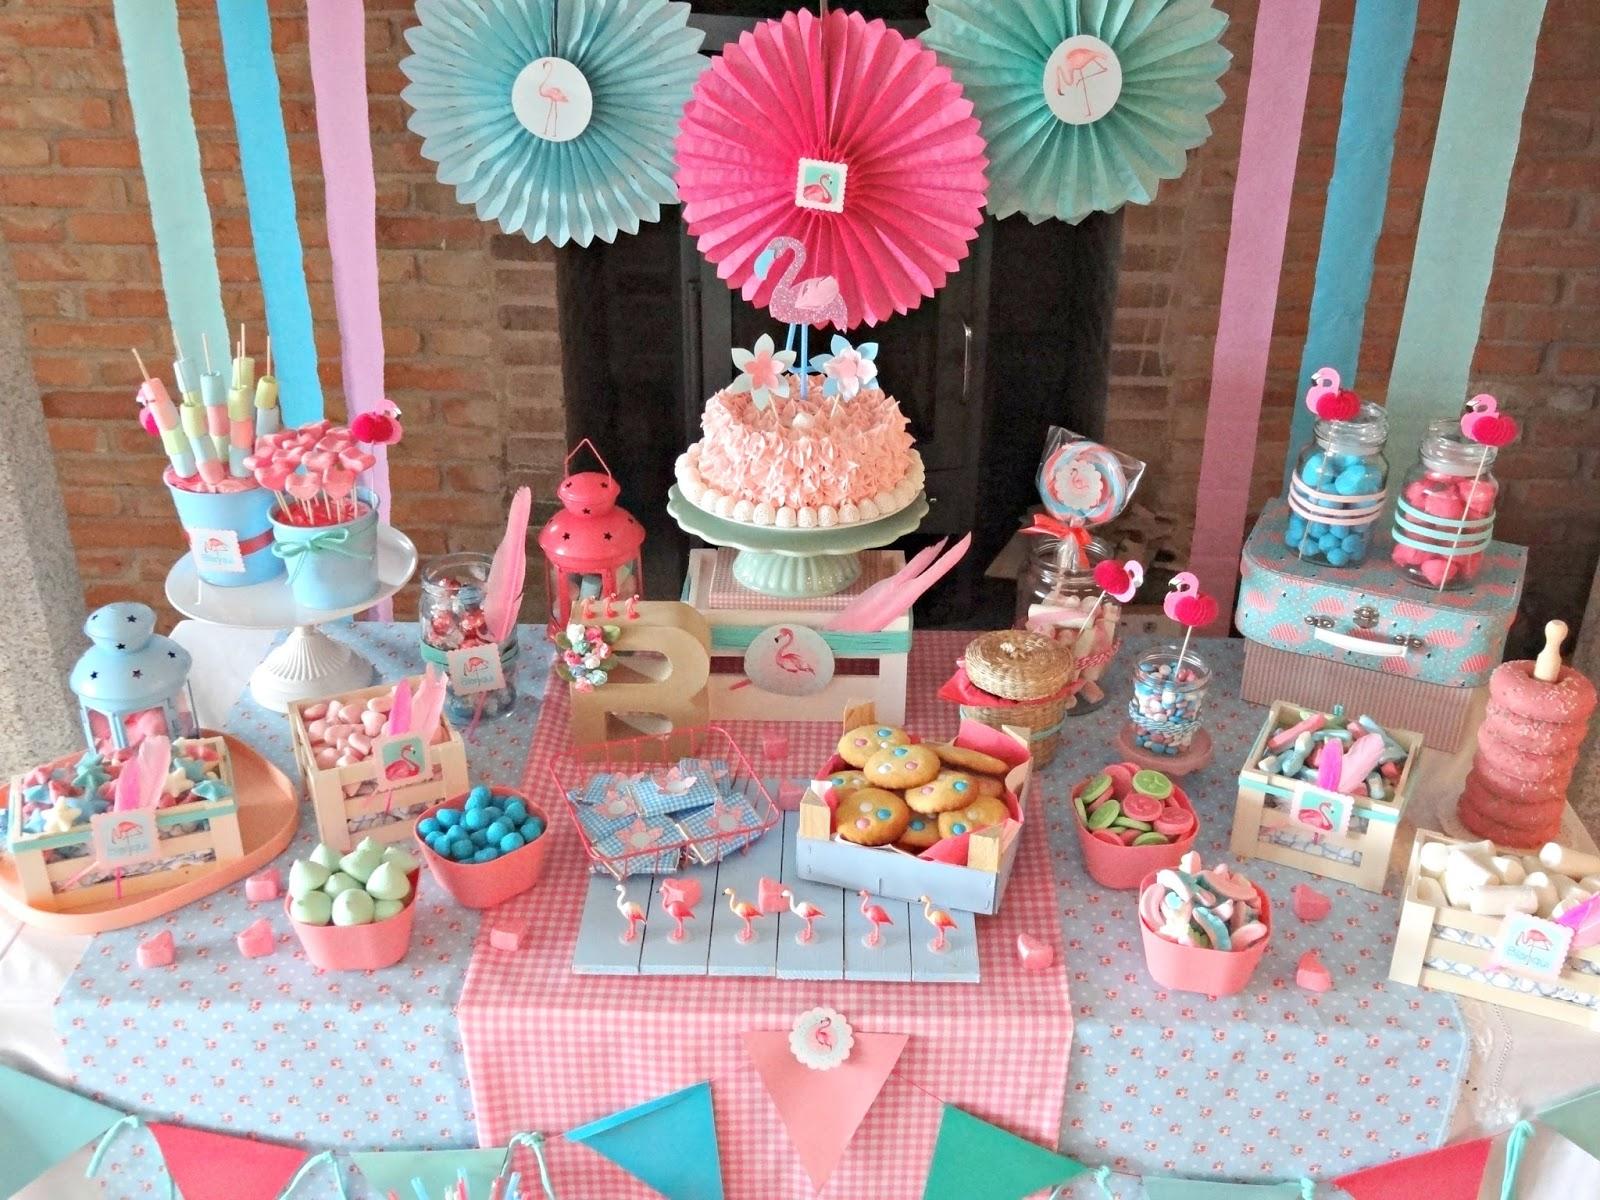 Celebra con ana compartiendo experiencias creativas for Decoracion cumpleanos nina